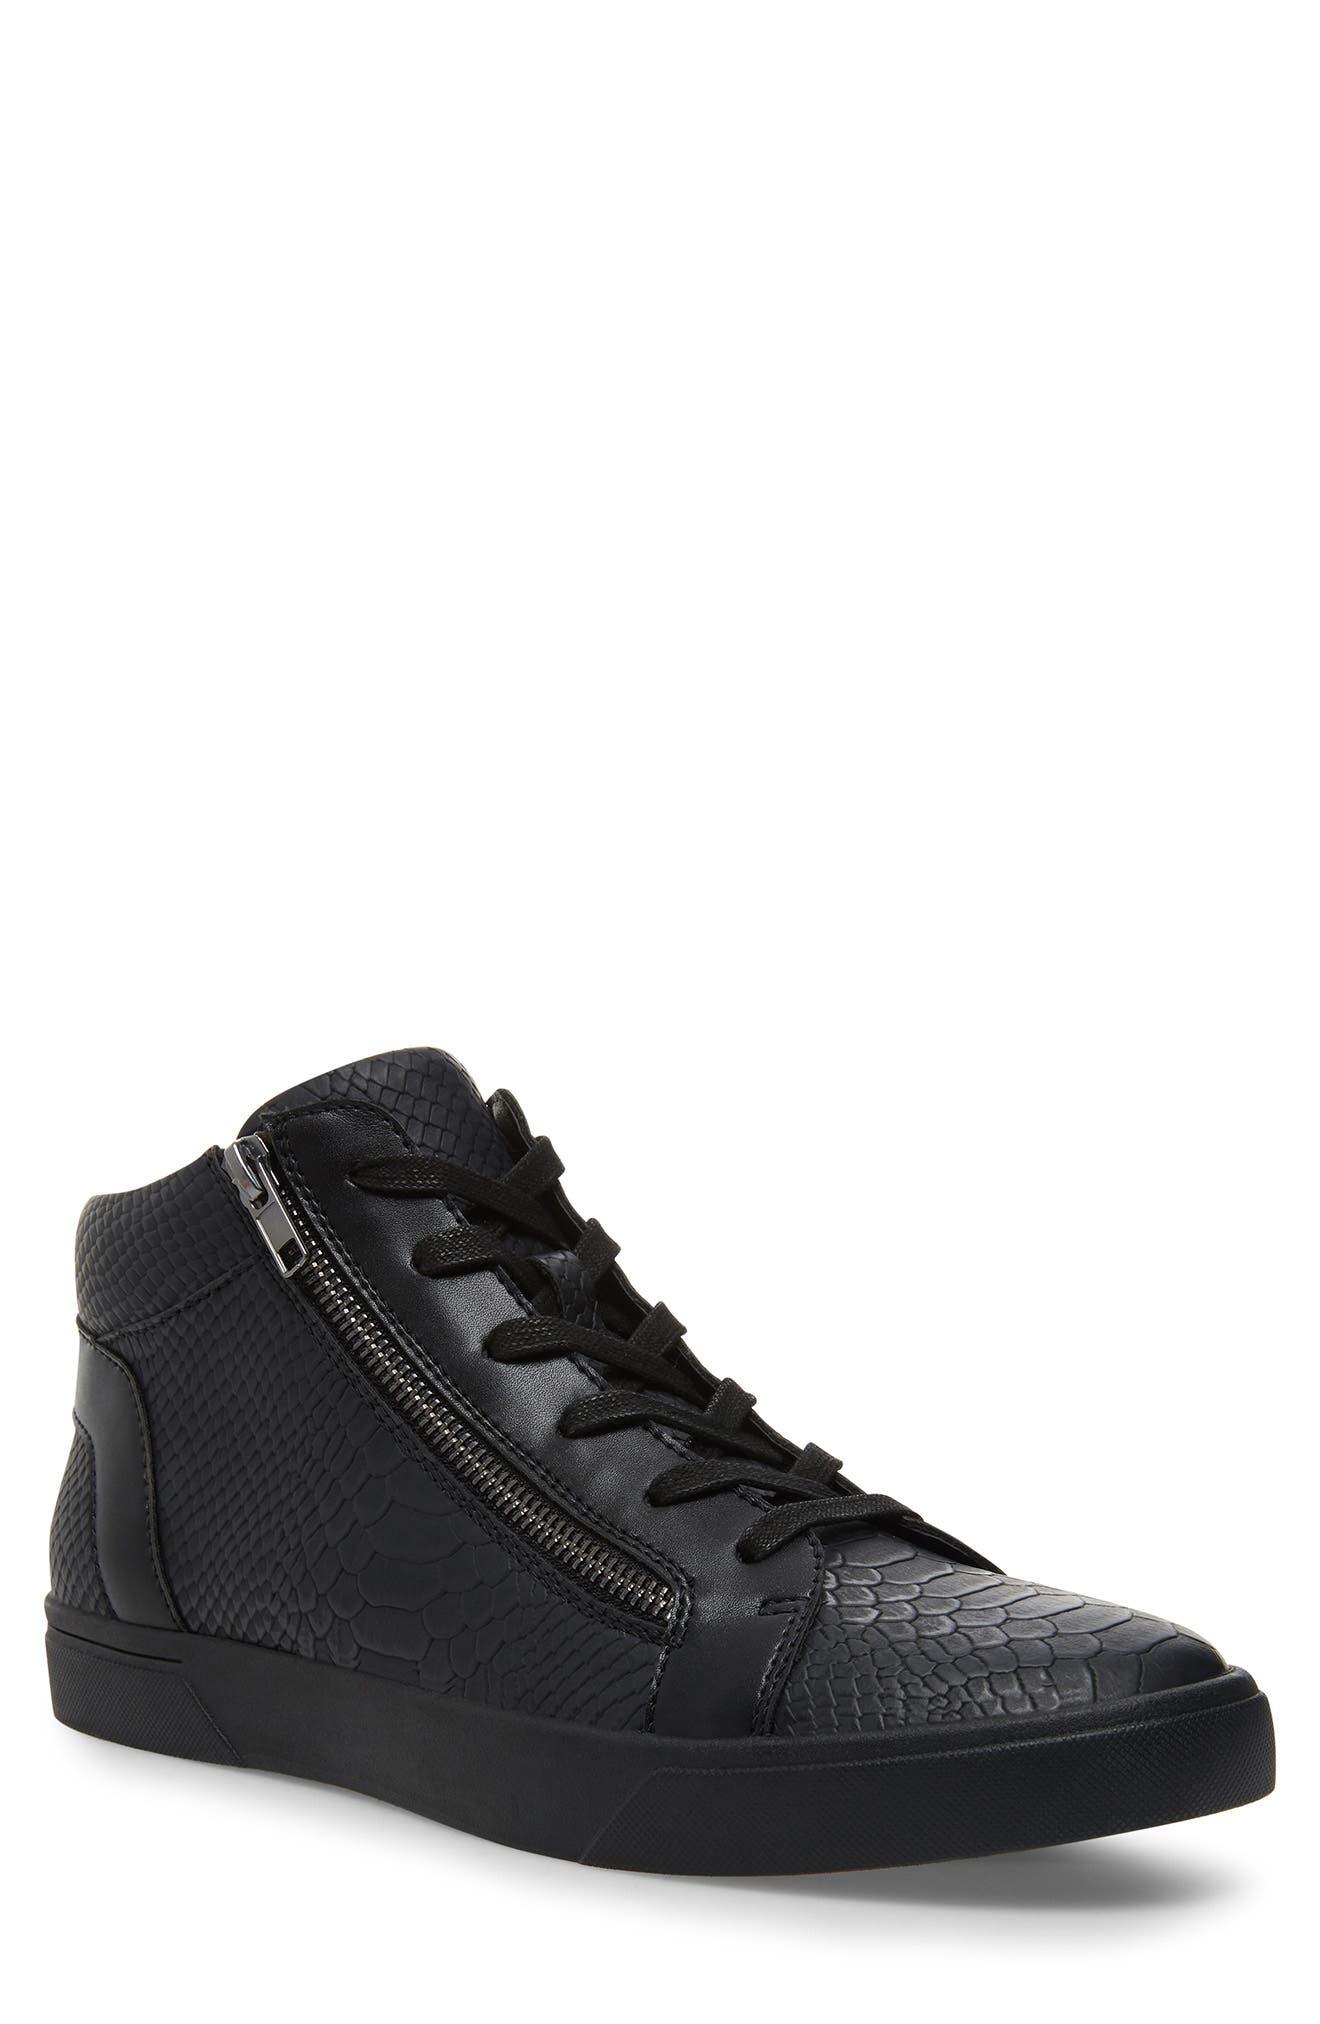 Steve Madden Rayne High Top Sneaker